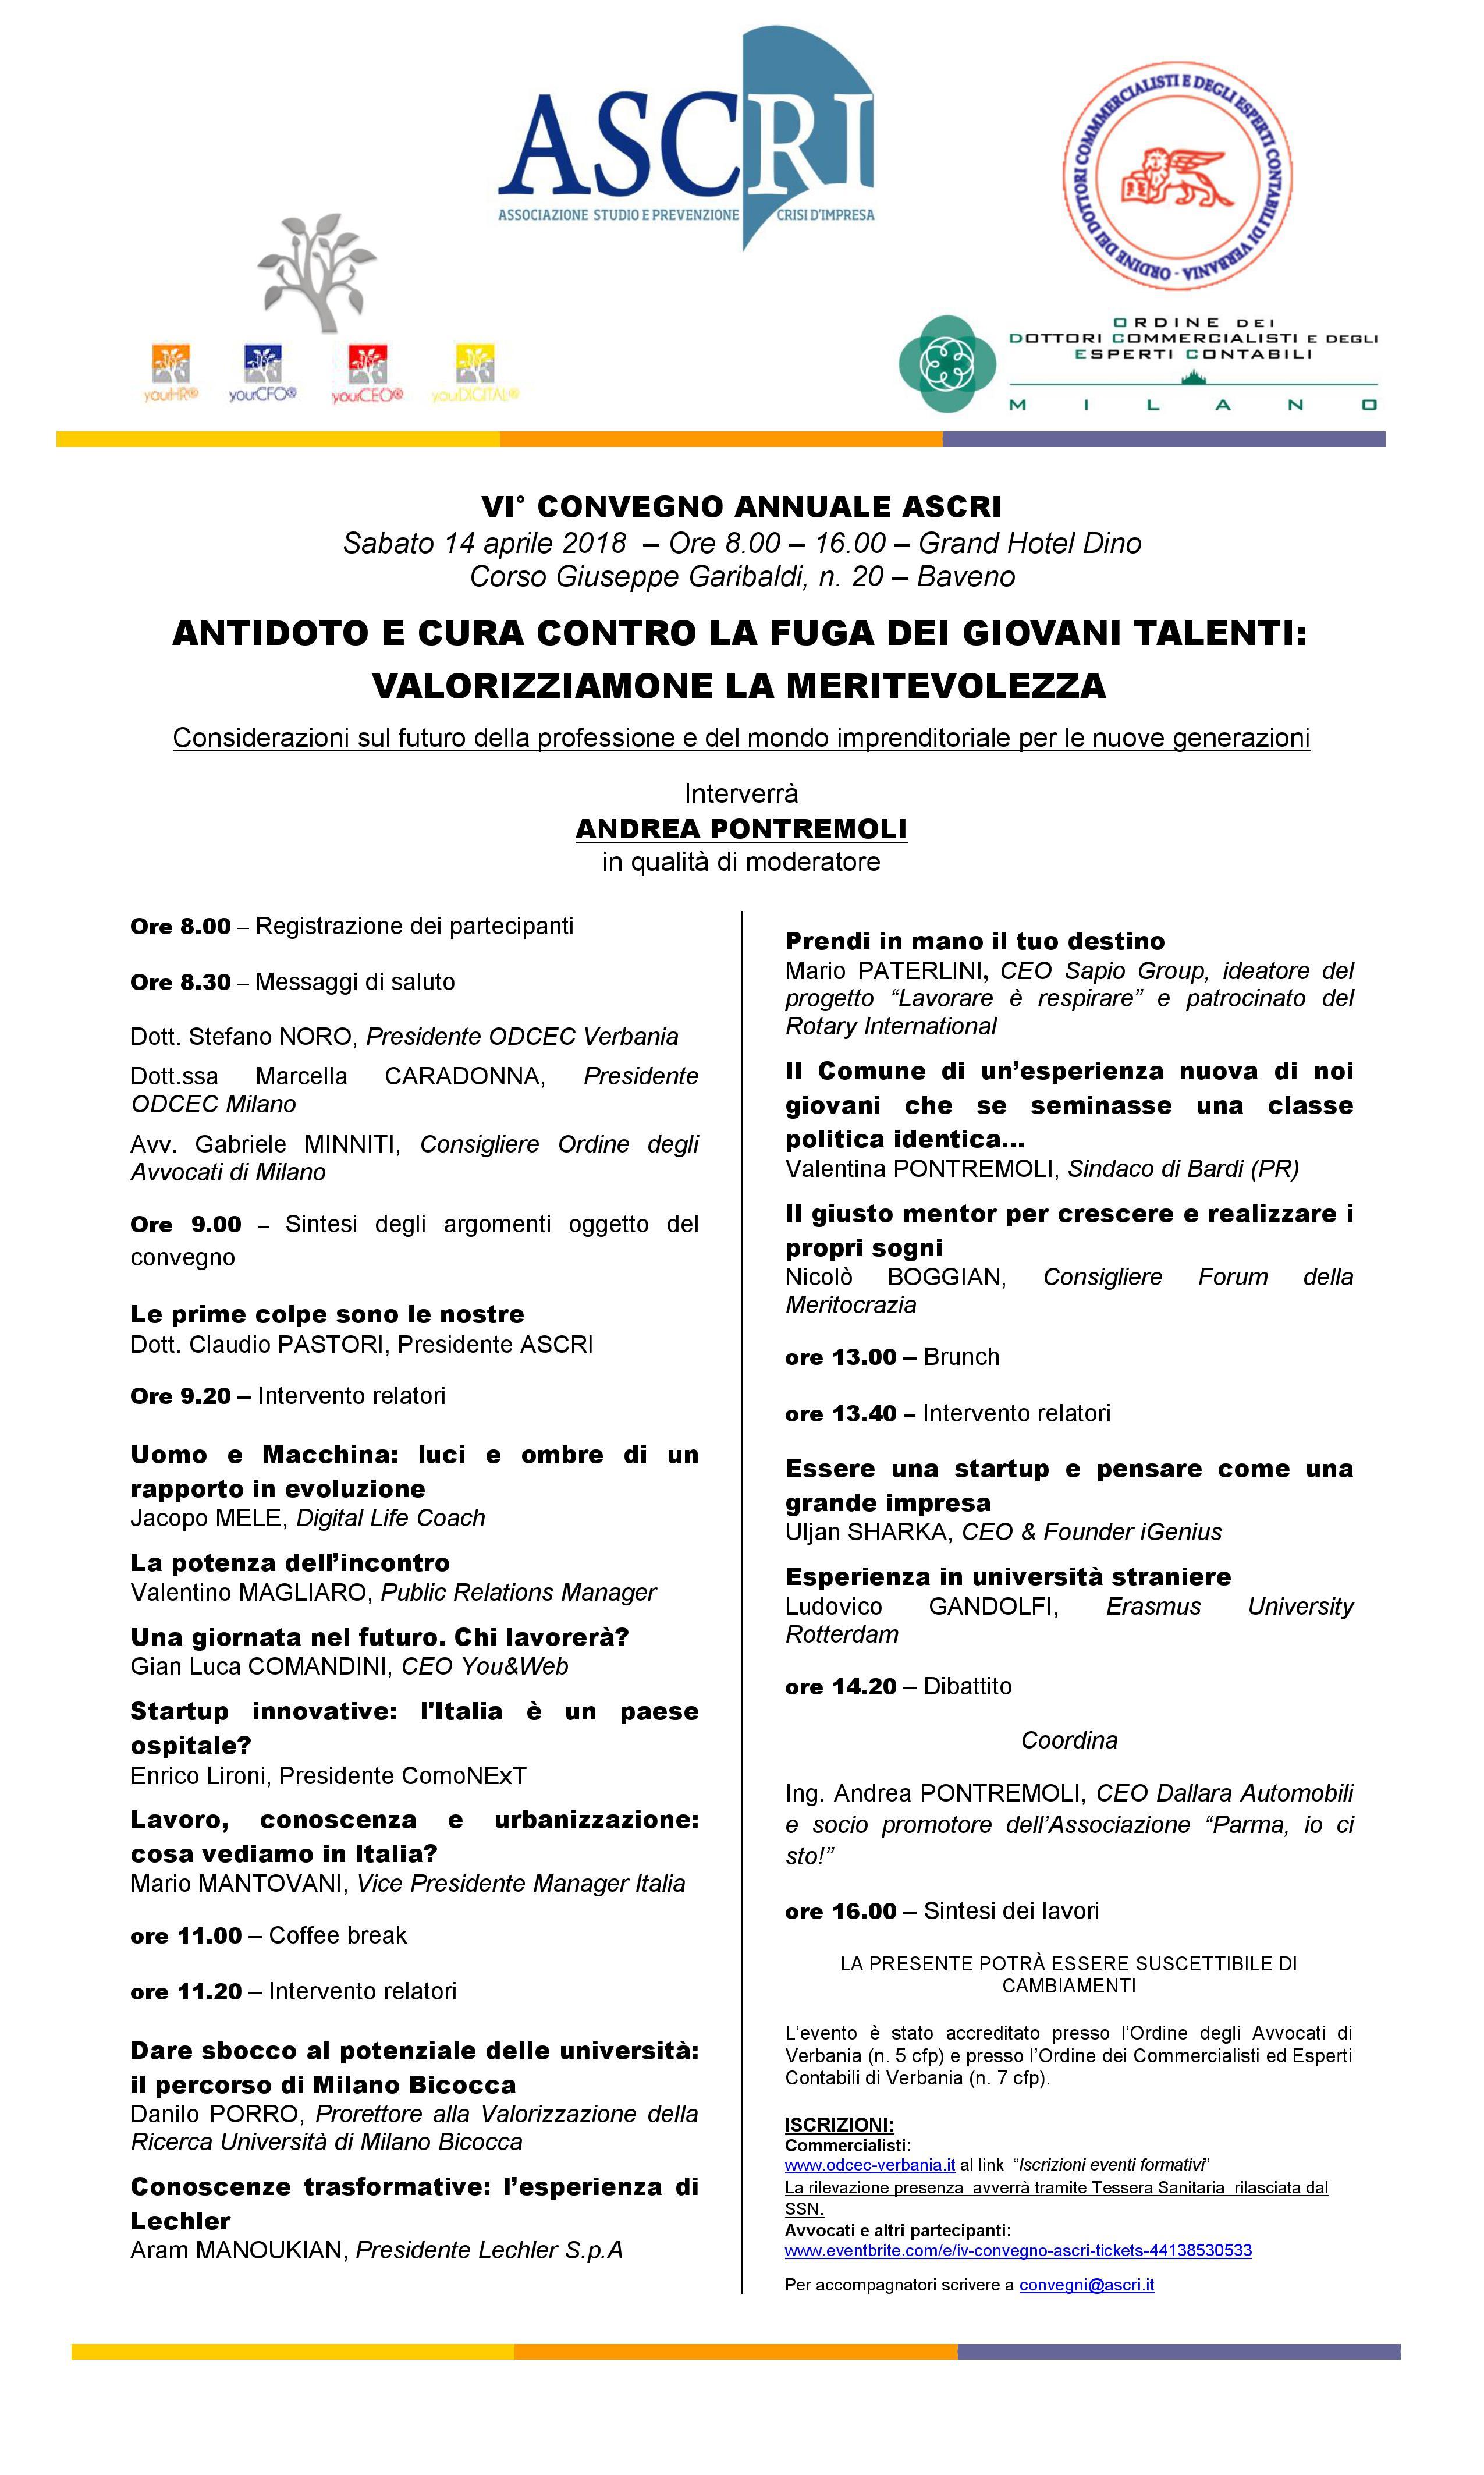 Locandina convegno ASCRI 14/04/2018